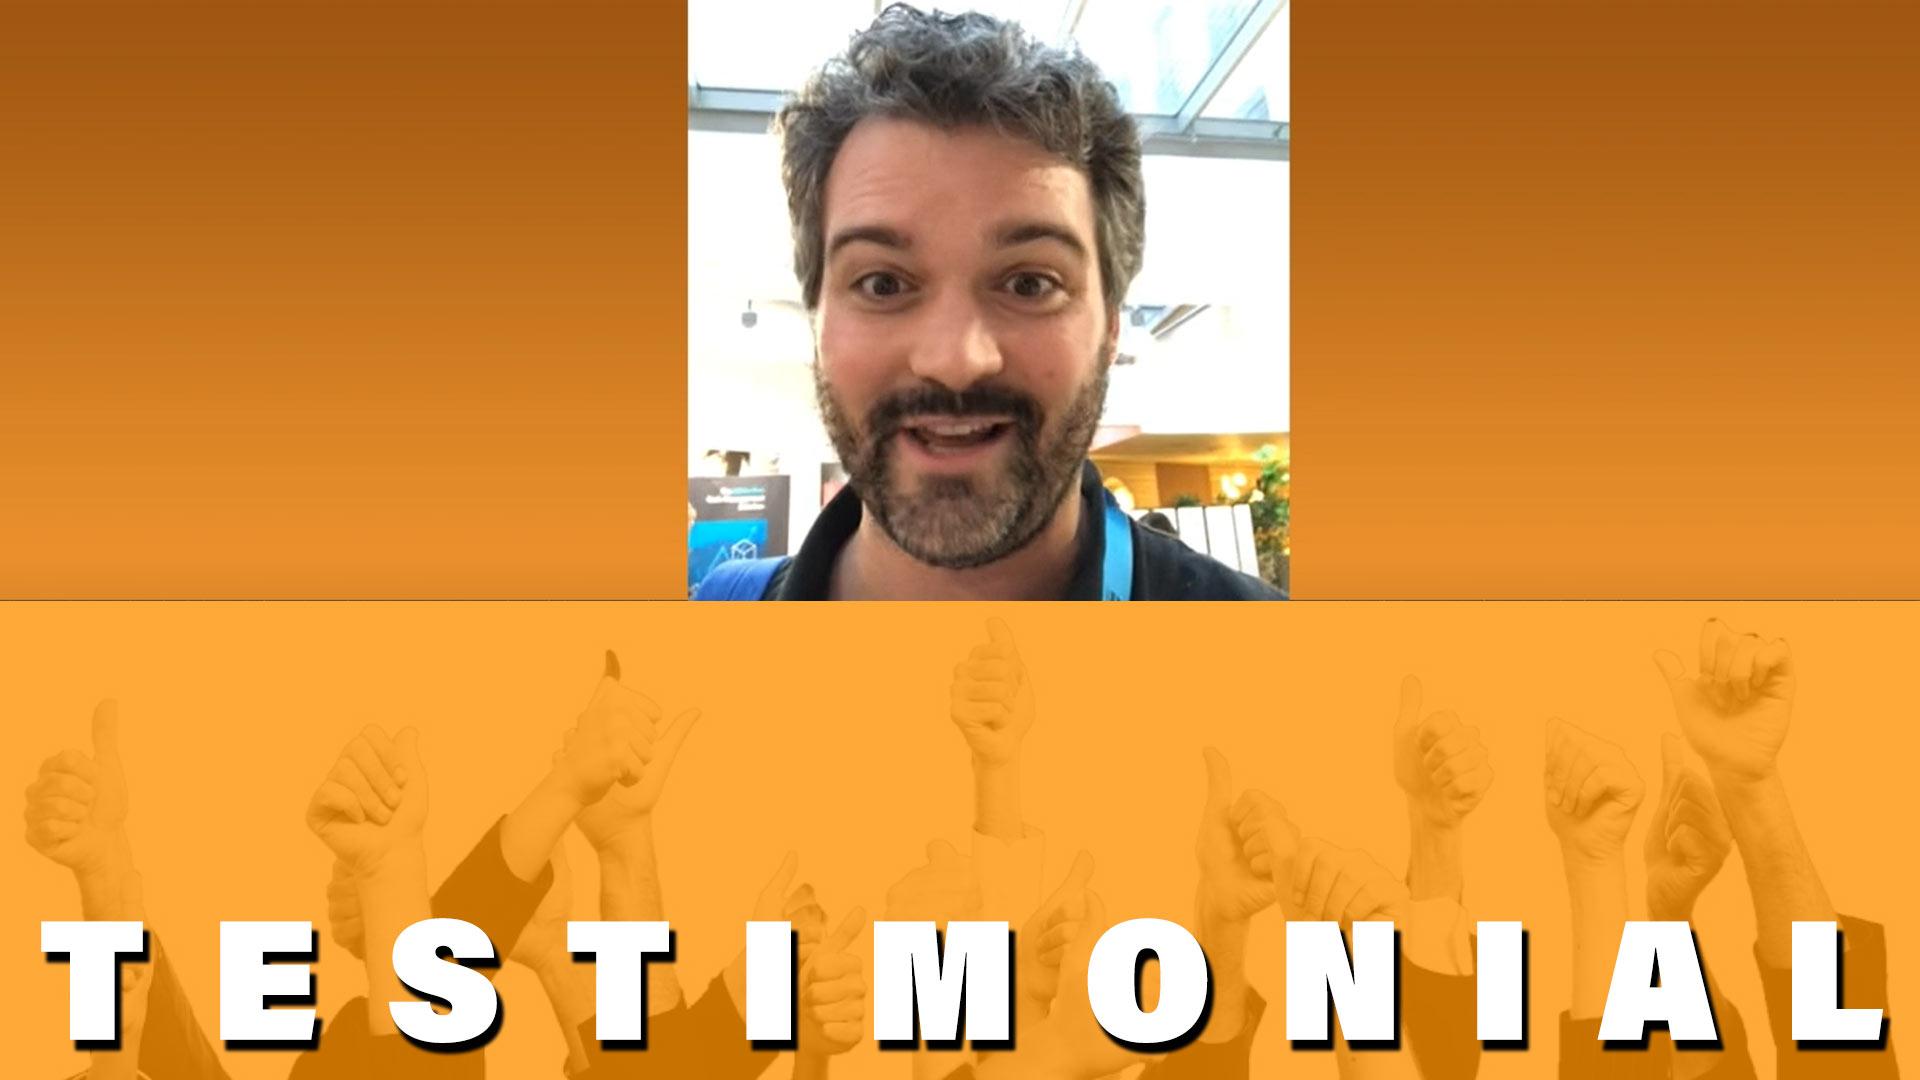 testimonials for CJ Rosenbaum